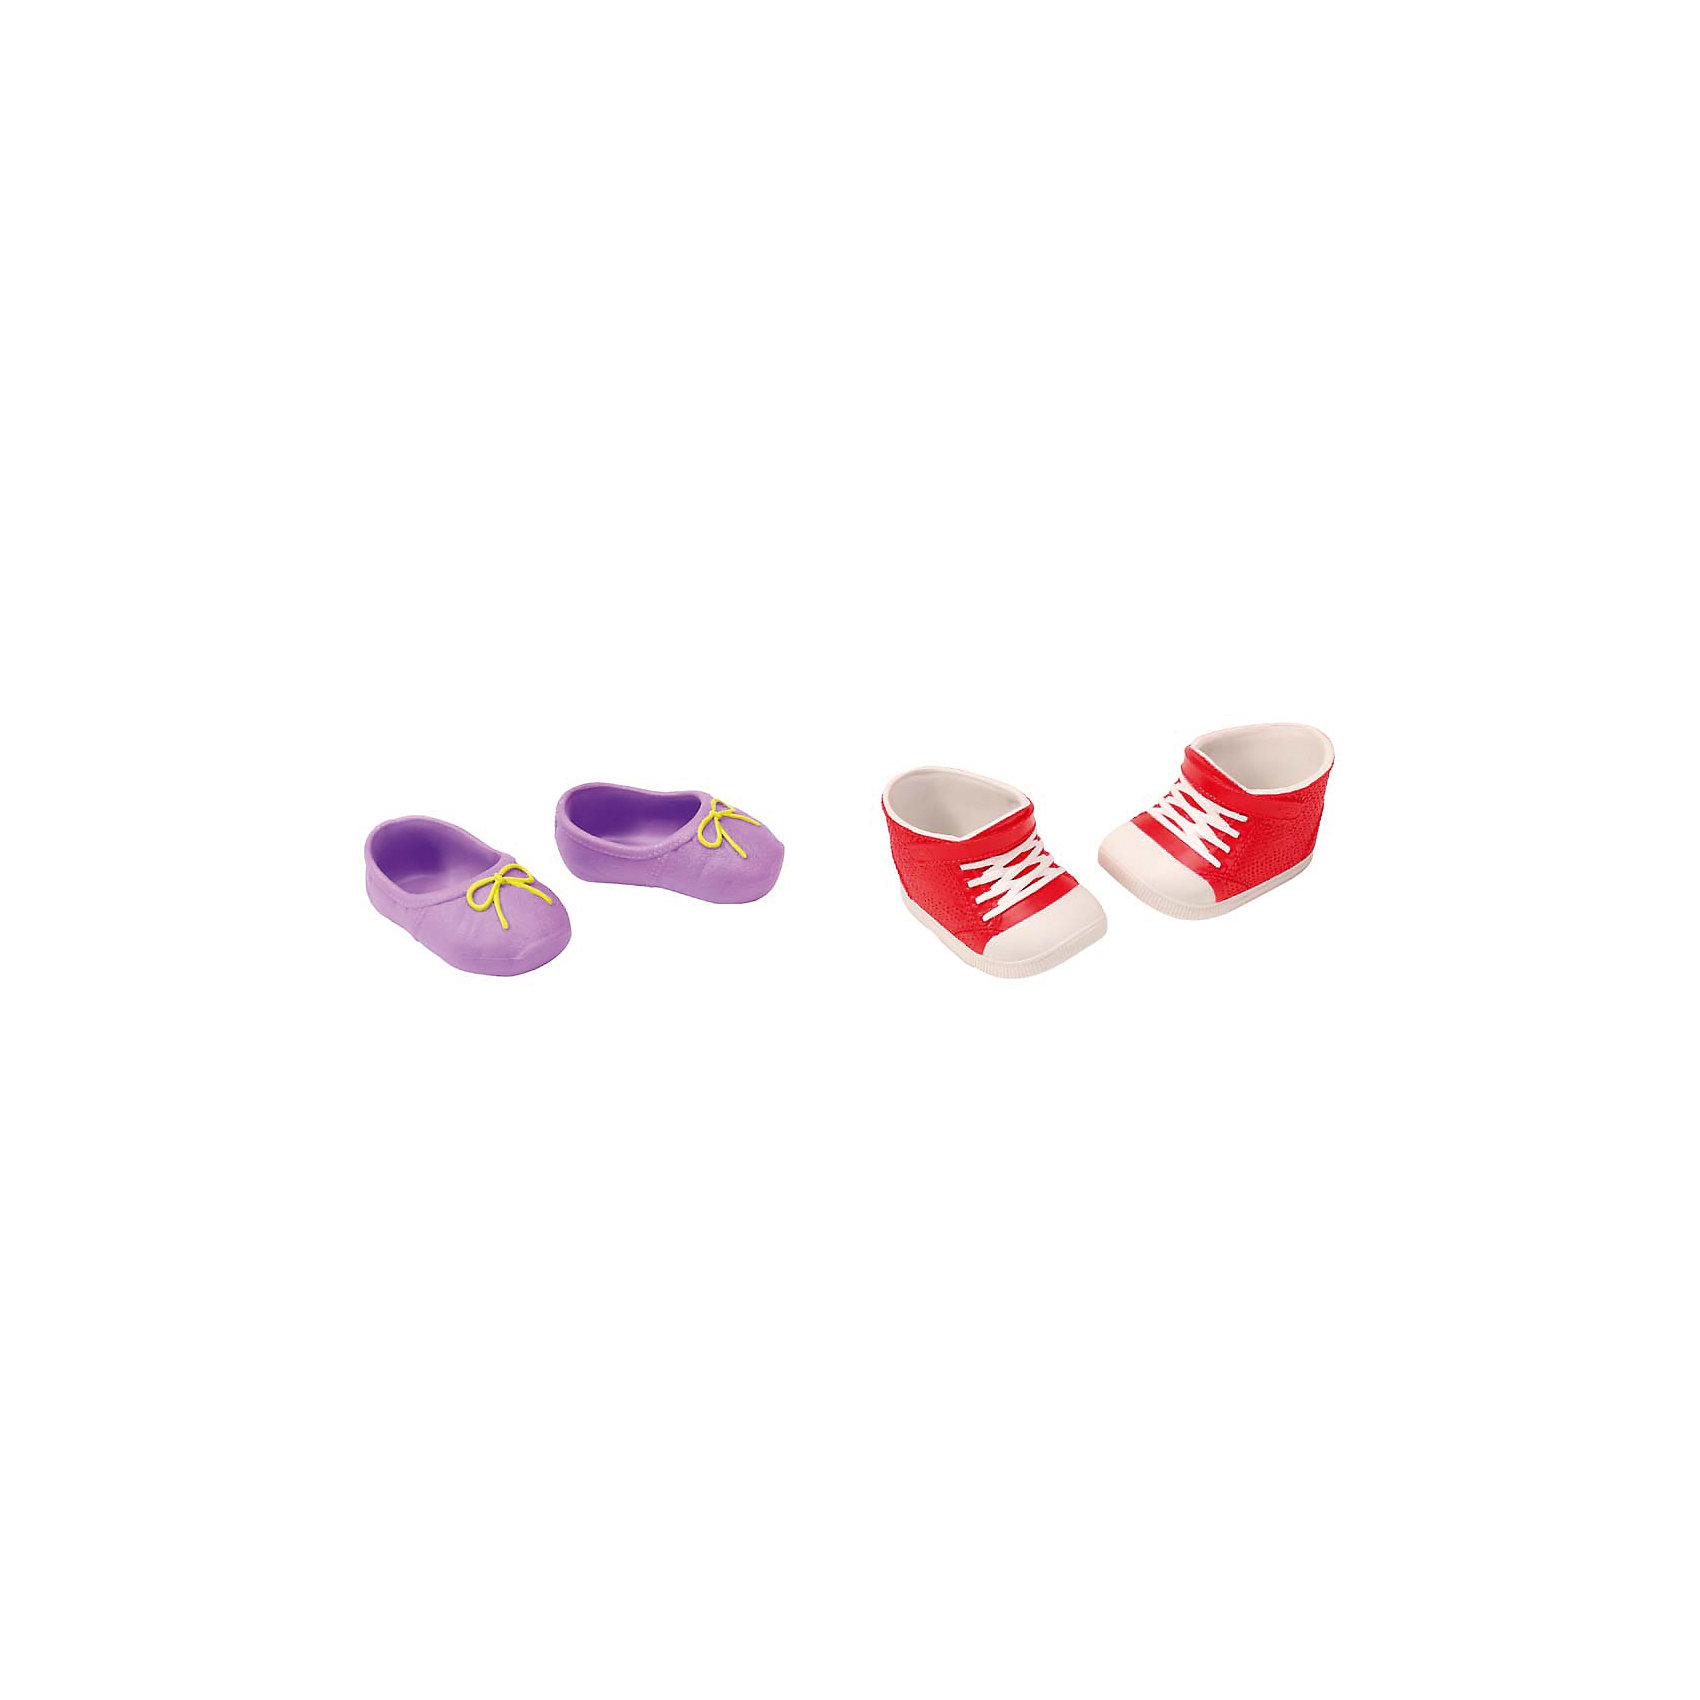 Ботиночки, 2 пары (для куклы), BABY born, красный-фиолетовыйБренды кукол<br>Набор обуви для куклы Бэби Бон (Baby Born) от компании Zapf Creation. Яркие, стильные ботиночки, кроссовки и сандалии украсят кукольный гардероб. Как и все игрушки и аксессуары Беби Борн, обувь выполнена очень качественно, с использованием только безопасных материалов и красок. В ассортименте 4 различных набора, по 2 пары обуви в каждом. Наборы продаются отдельно.<br><br>Ширина мм: 219<br>Глубина мм: 179<br>Высота мм: 38<br>Вес г: 78<br>Возраст от месяцев: 36<br>Возраст до месяцев: 60<br>Пол: Женский<br>Возраст: Детский<br>SKU: 4829118